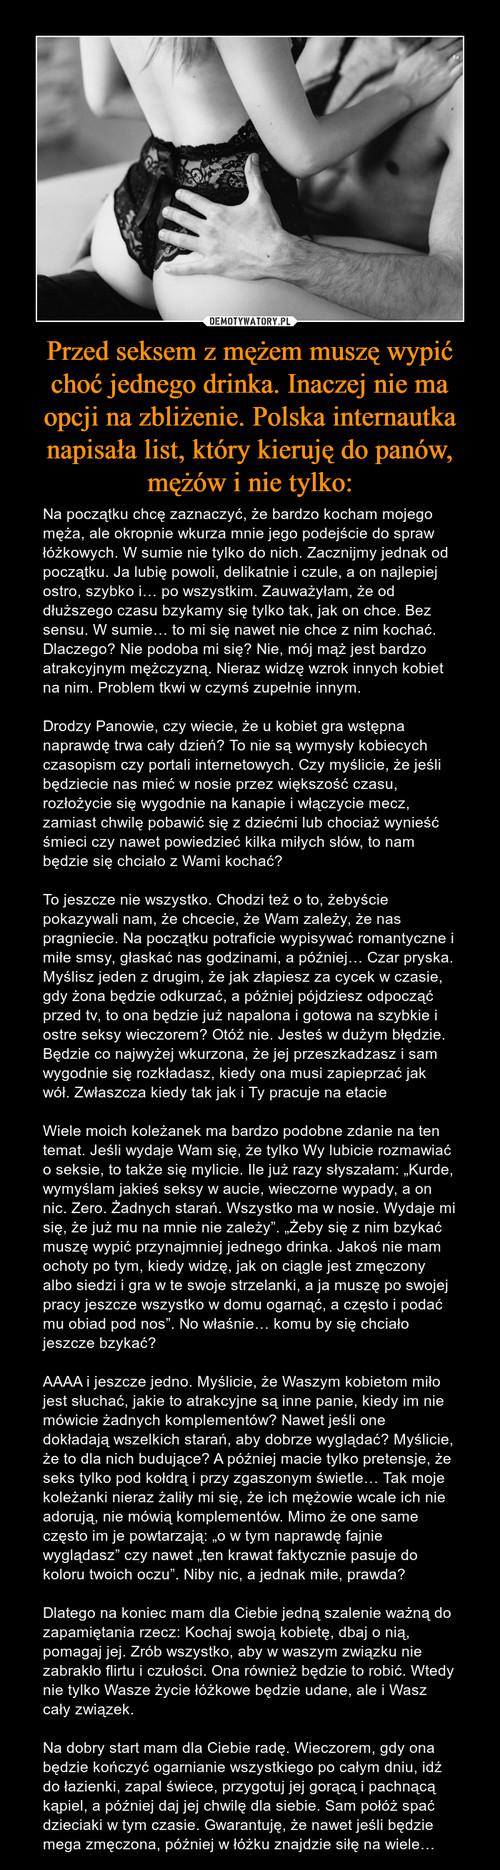 Przed seksem z mężem muszę wypić choć jednego drinka. Inaczej nie ma opcji na zbliżenie. Polska internautka napisała list, który kieruję do panów, mężów i nie tylko: